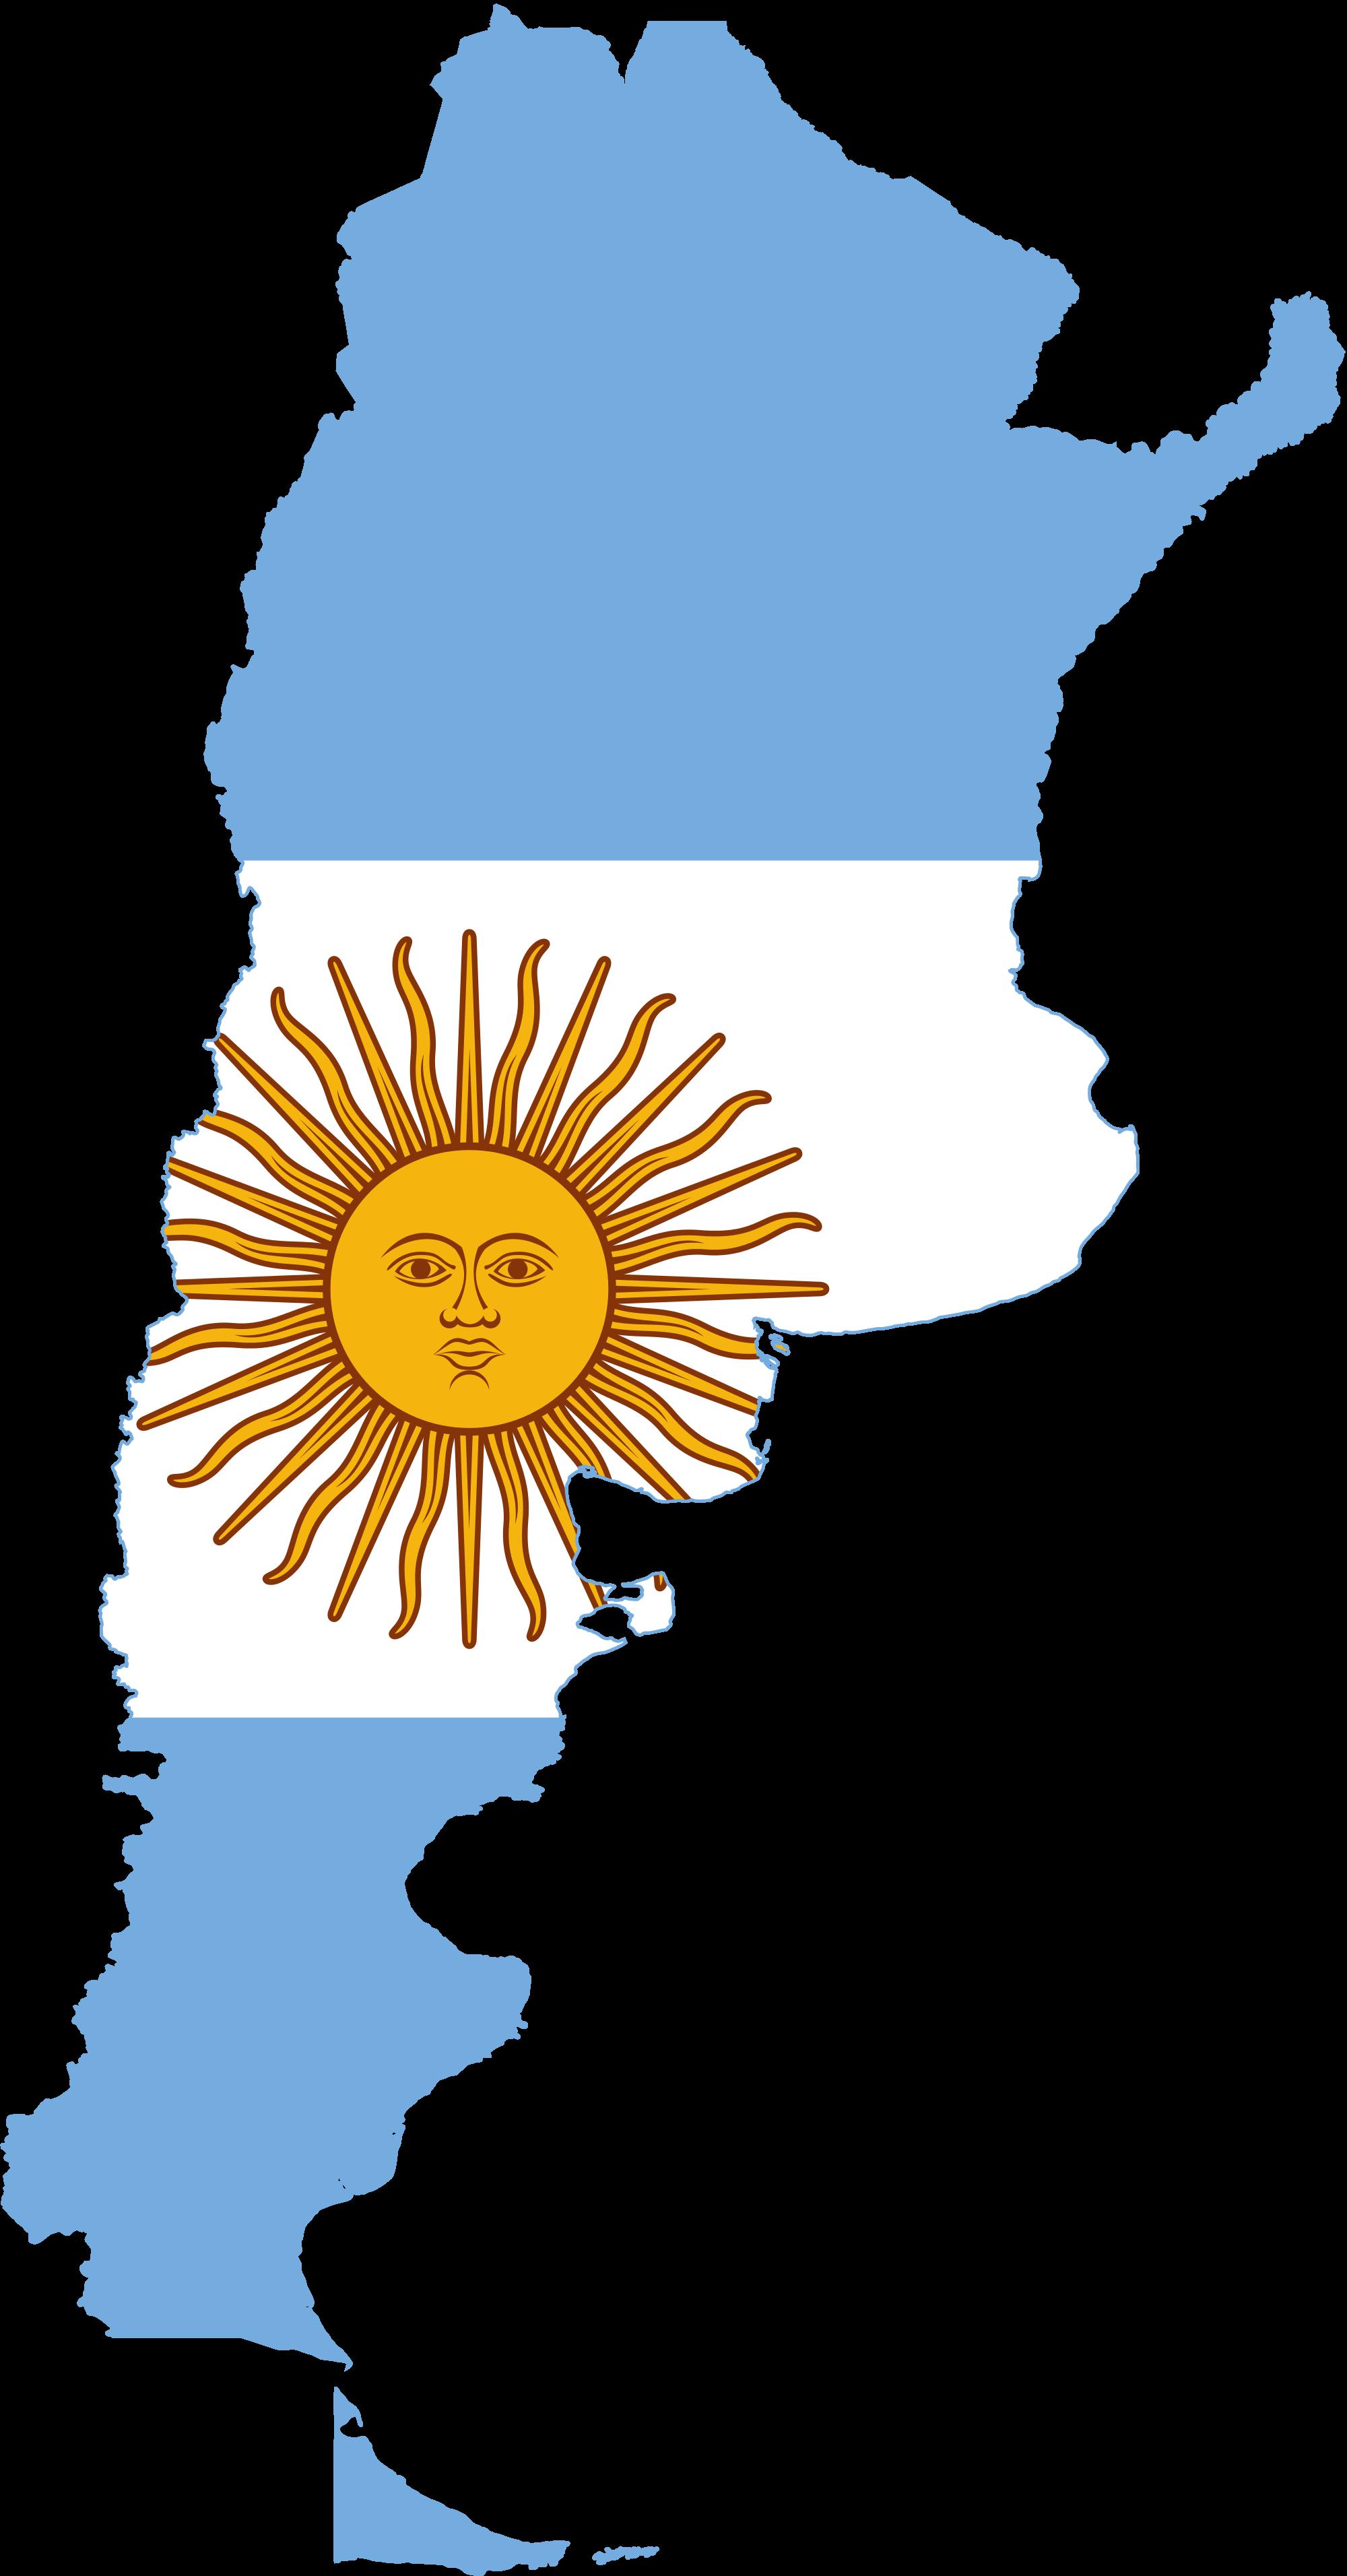 Argentina Clipart.